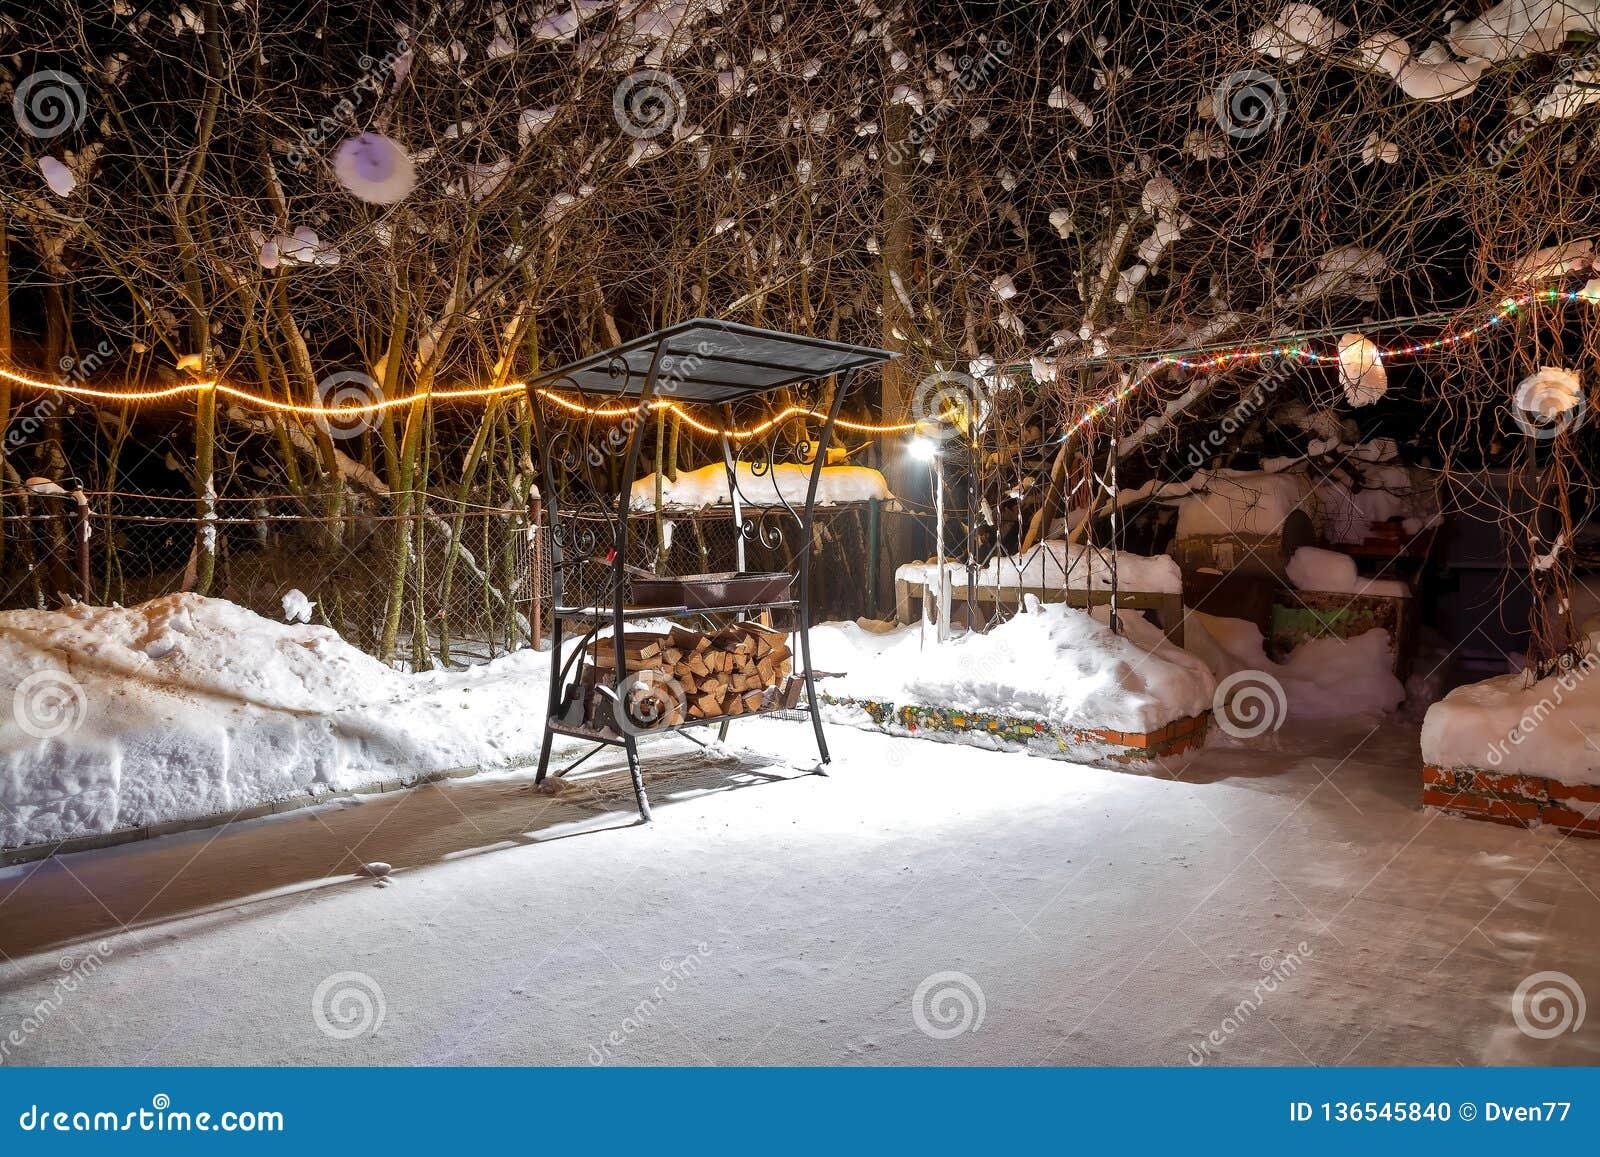 BBQ près de la maison pendant l hiver La nuit, guirlandes brûlent, il neige Terrain de jeu vide Ils étendent le bois de chauffage